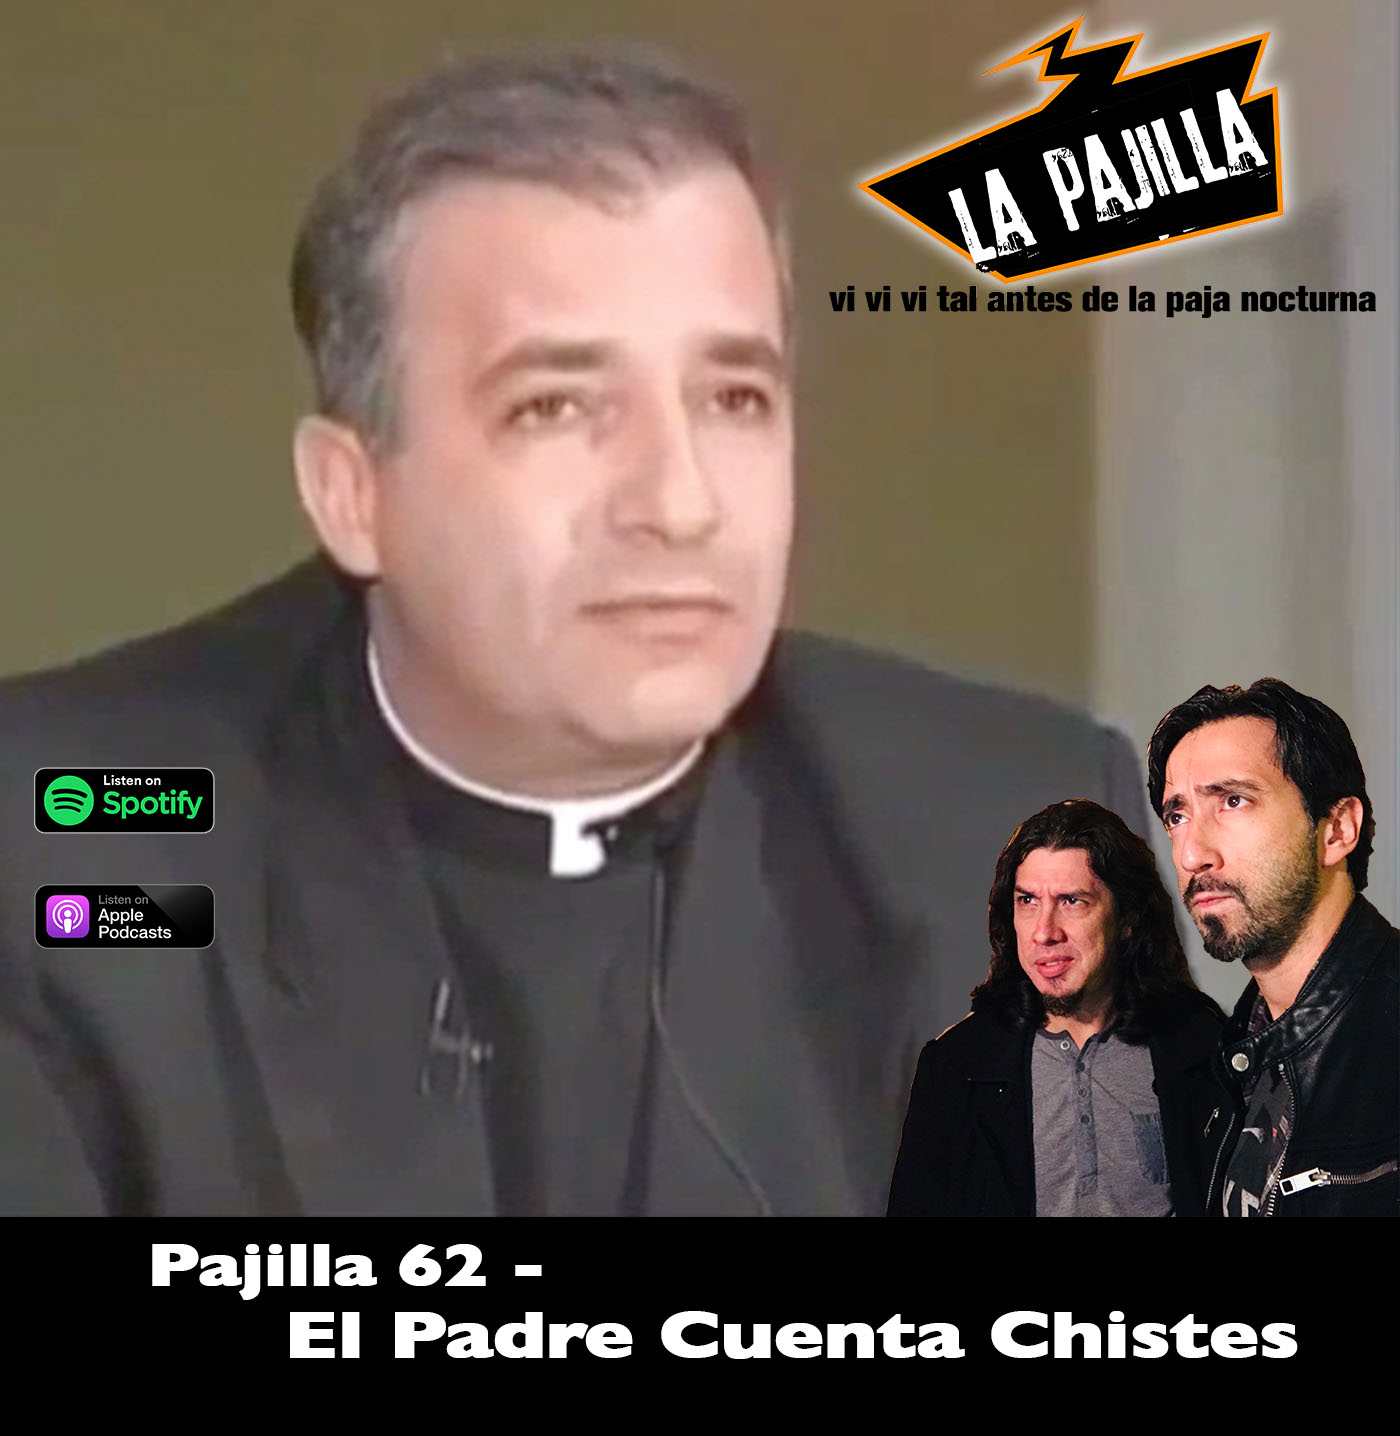 La Paja Nocturna Podcast CR Pajilla 62